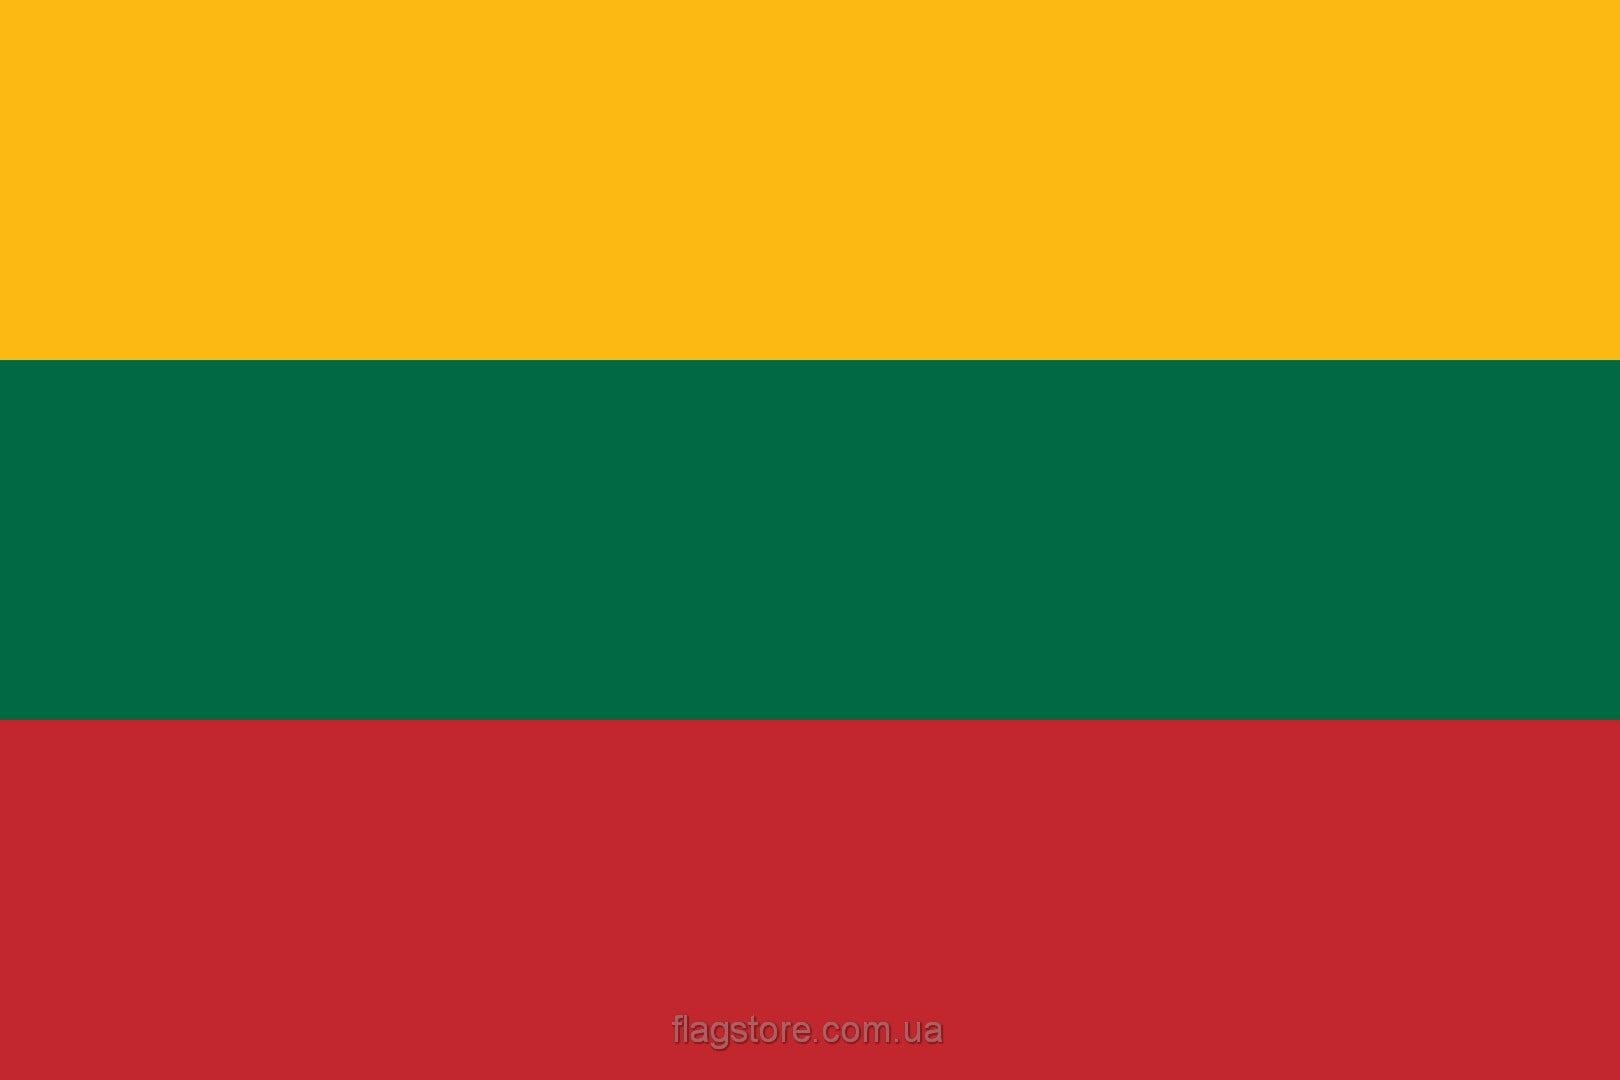 Купить флаг Литвы (страны Литва)